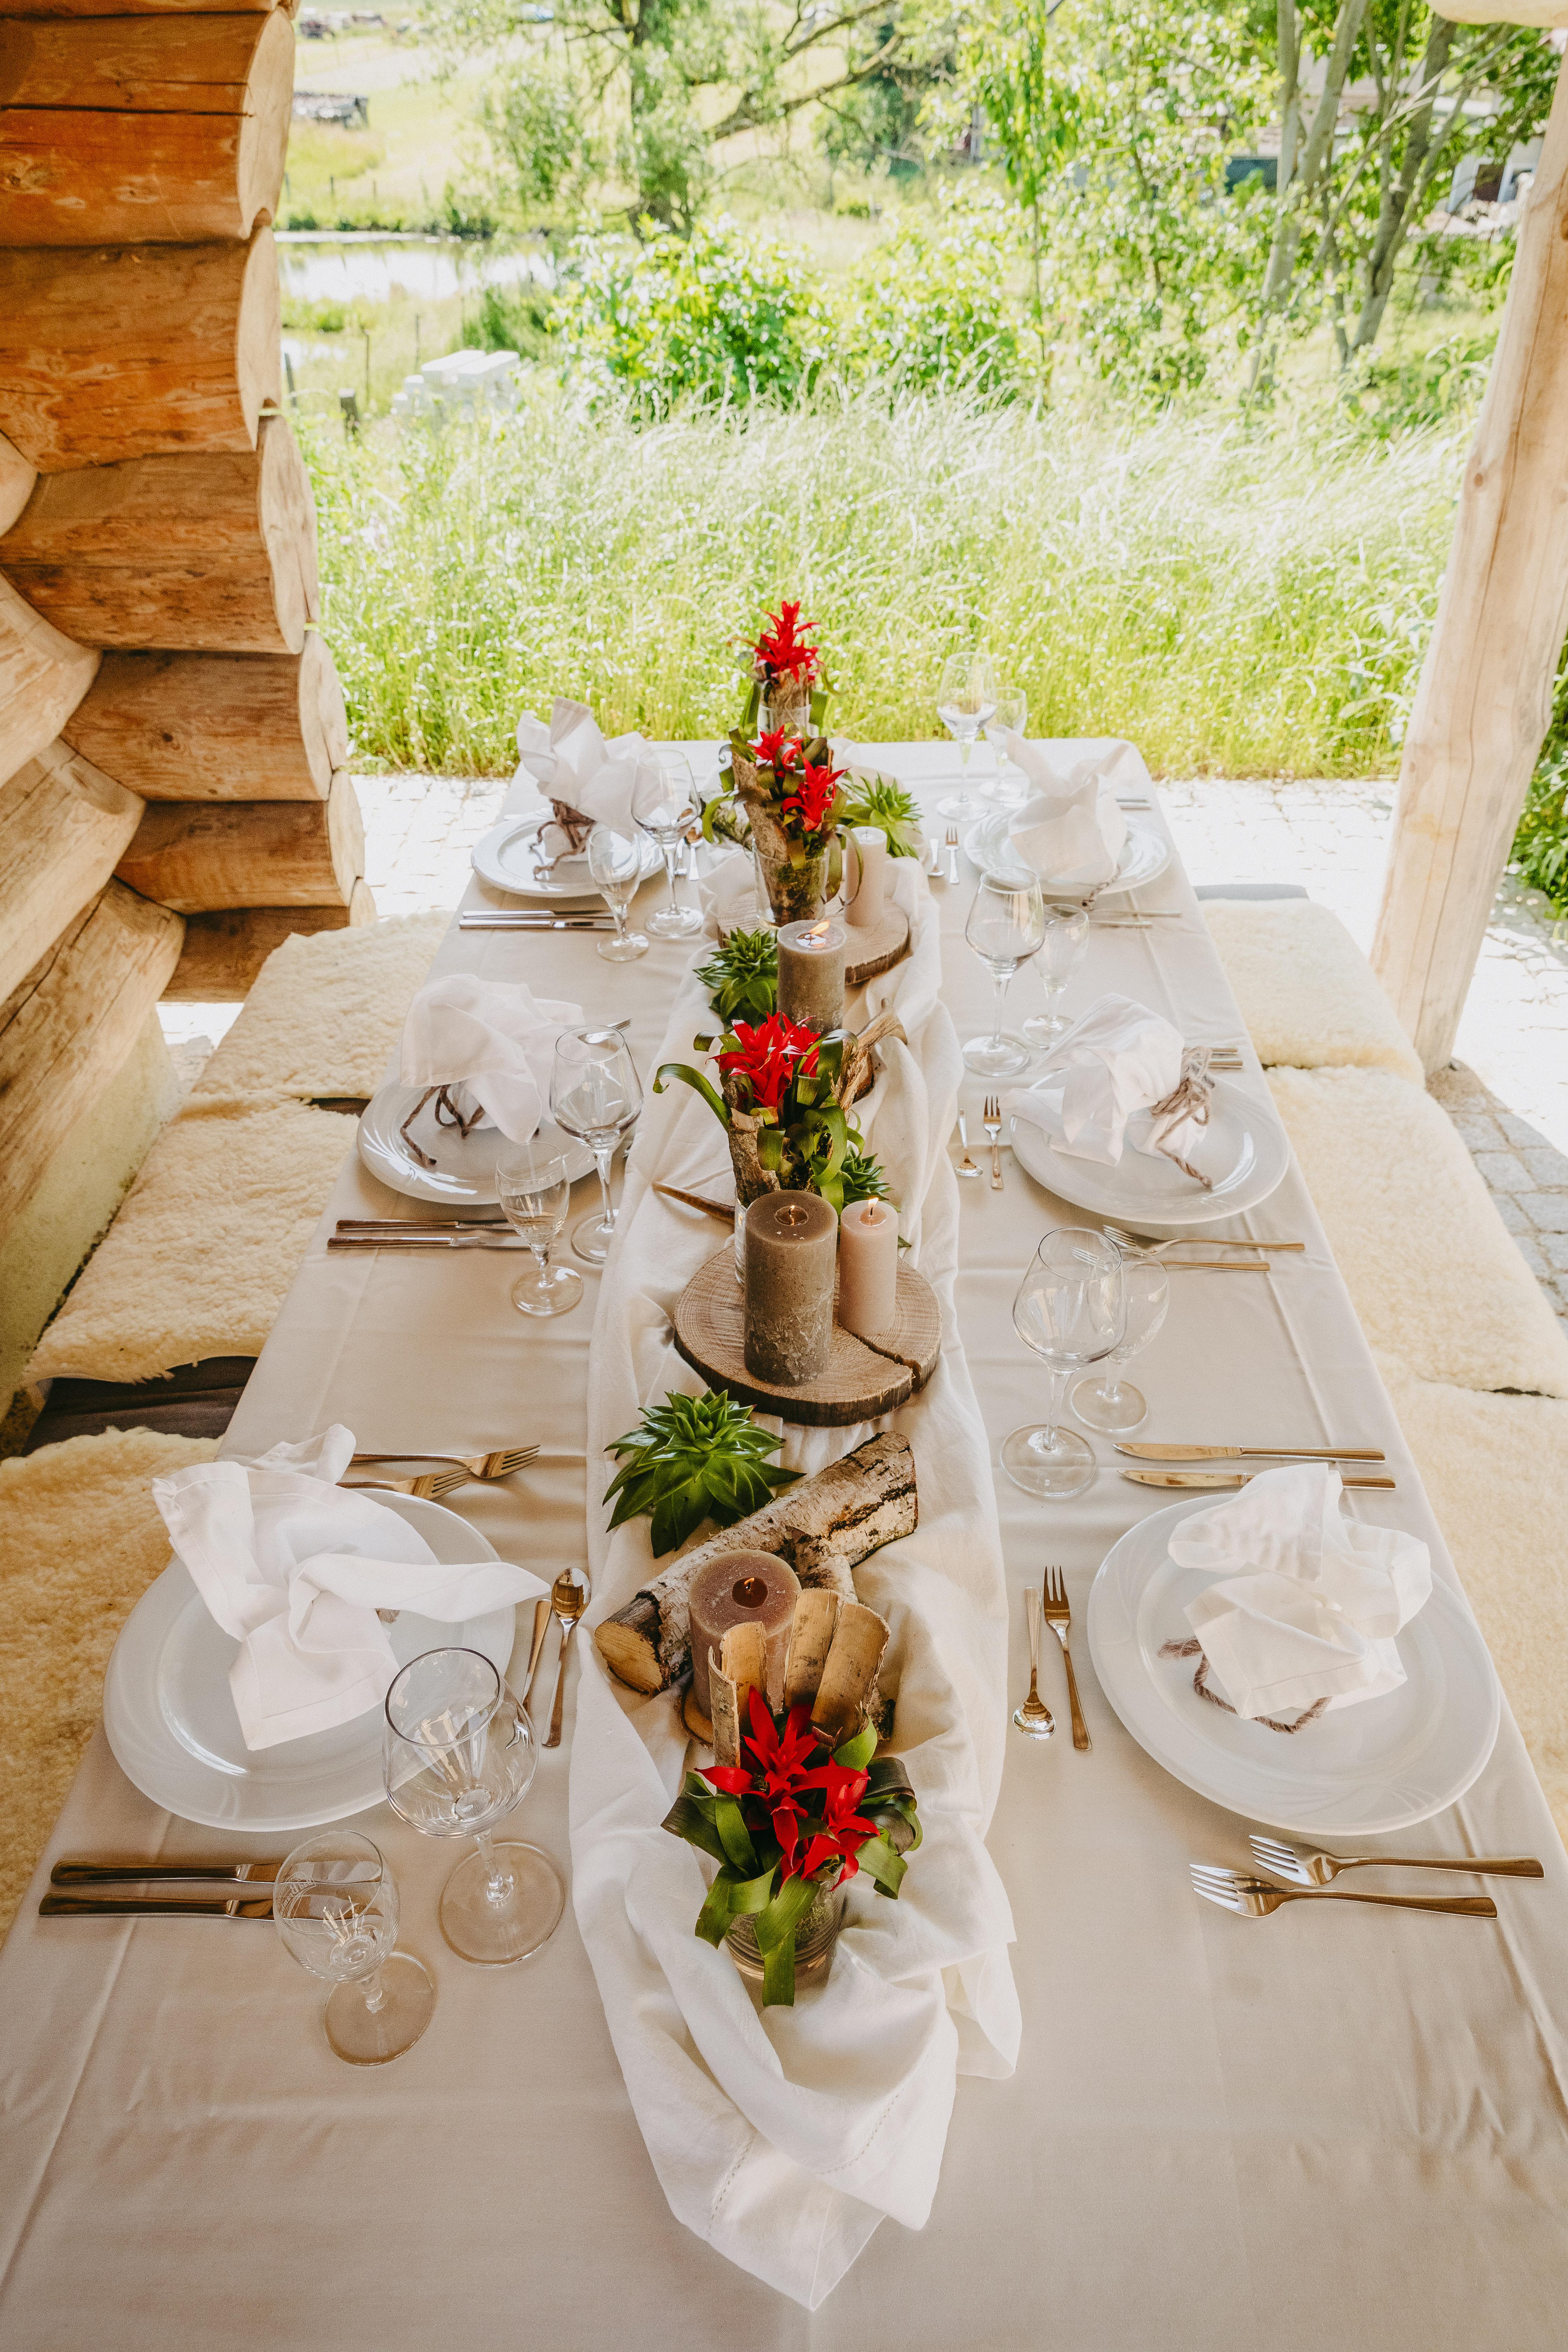 Styled Wedding Shoot © Maren van Meer Photodesign 2019 (7)